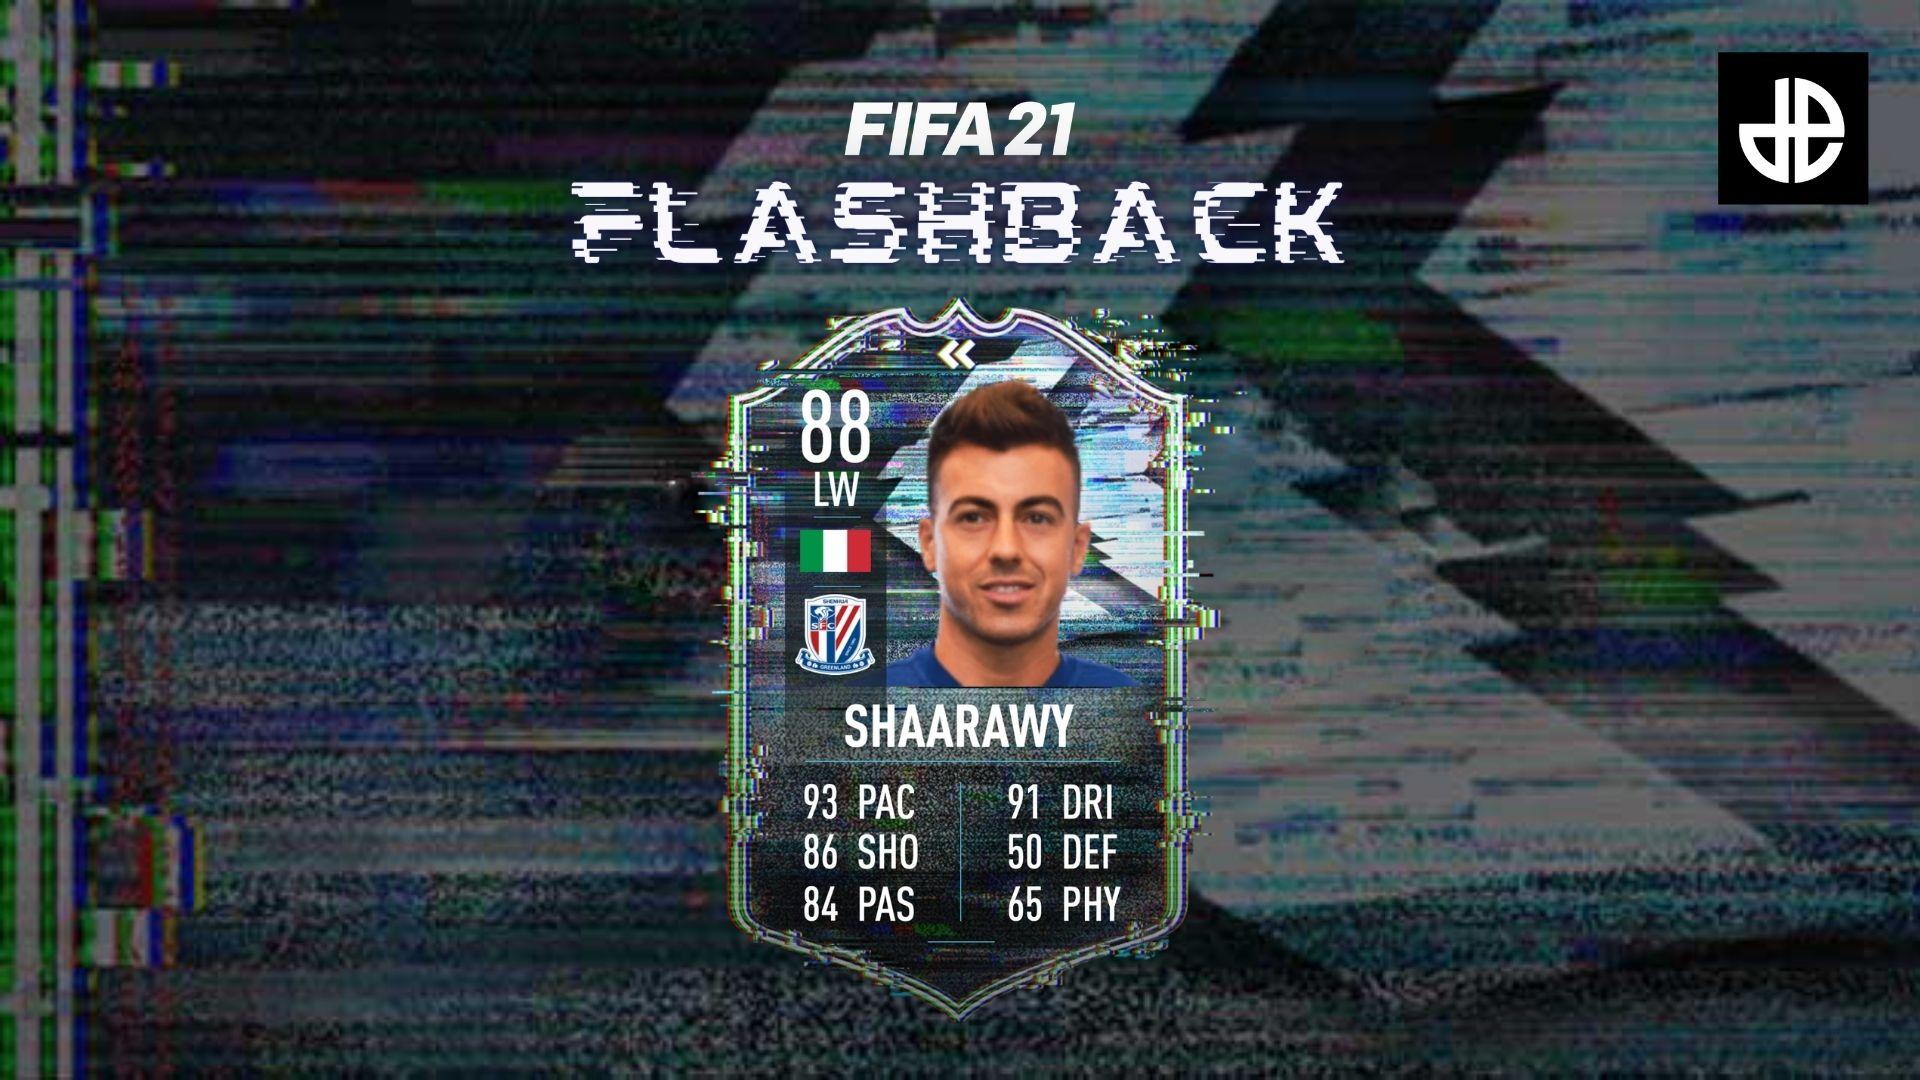 El Shaarawy FIFA 21 flashback sbc